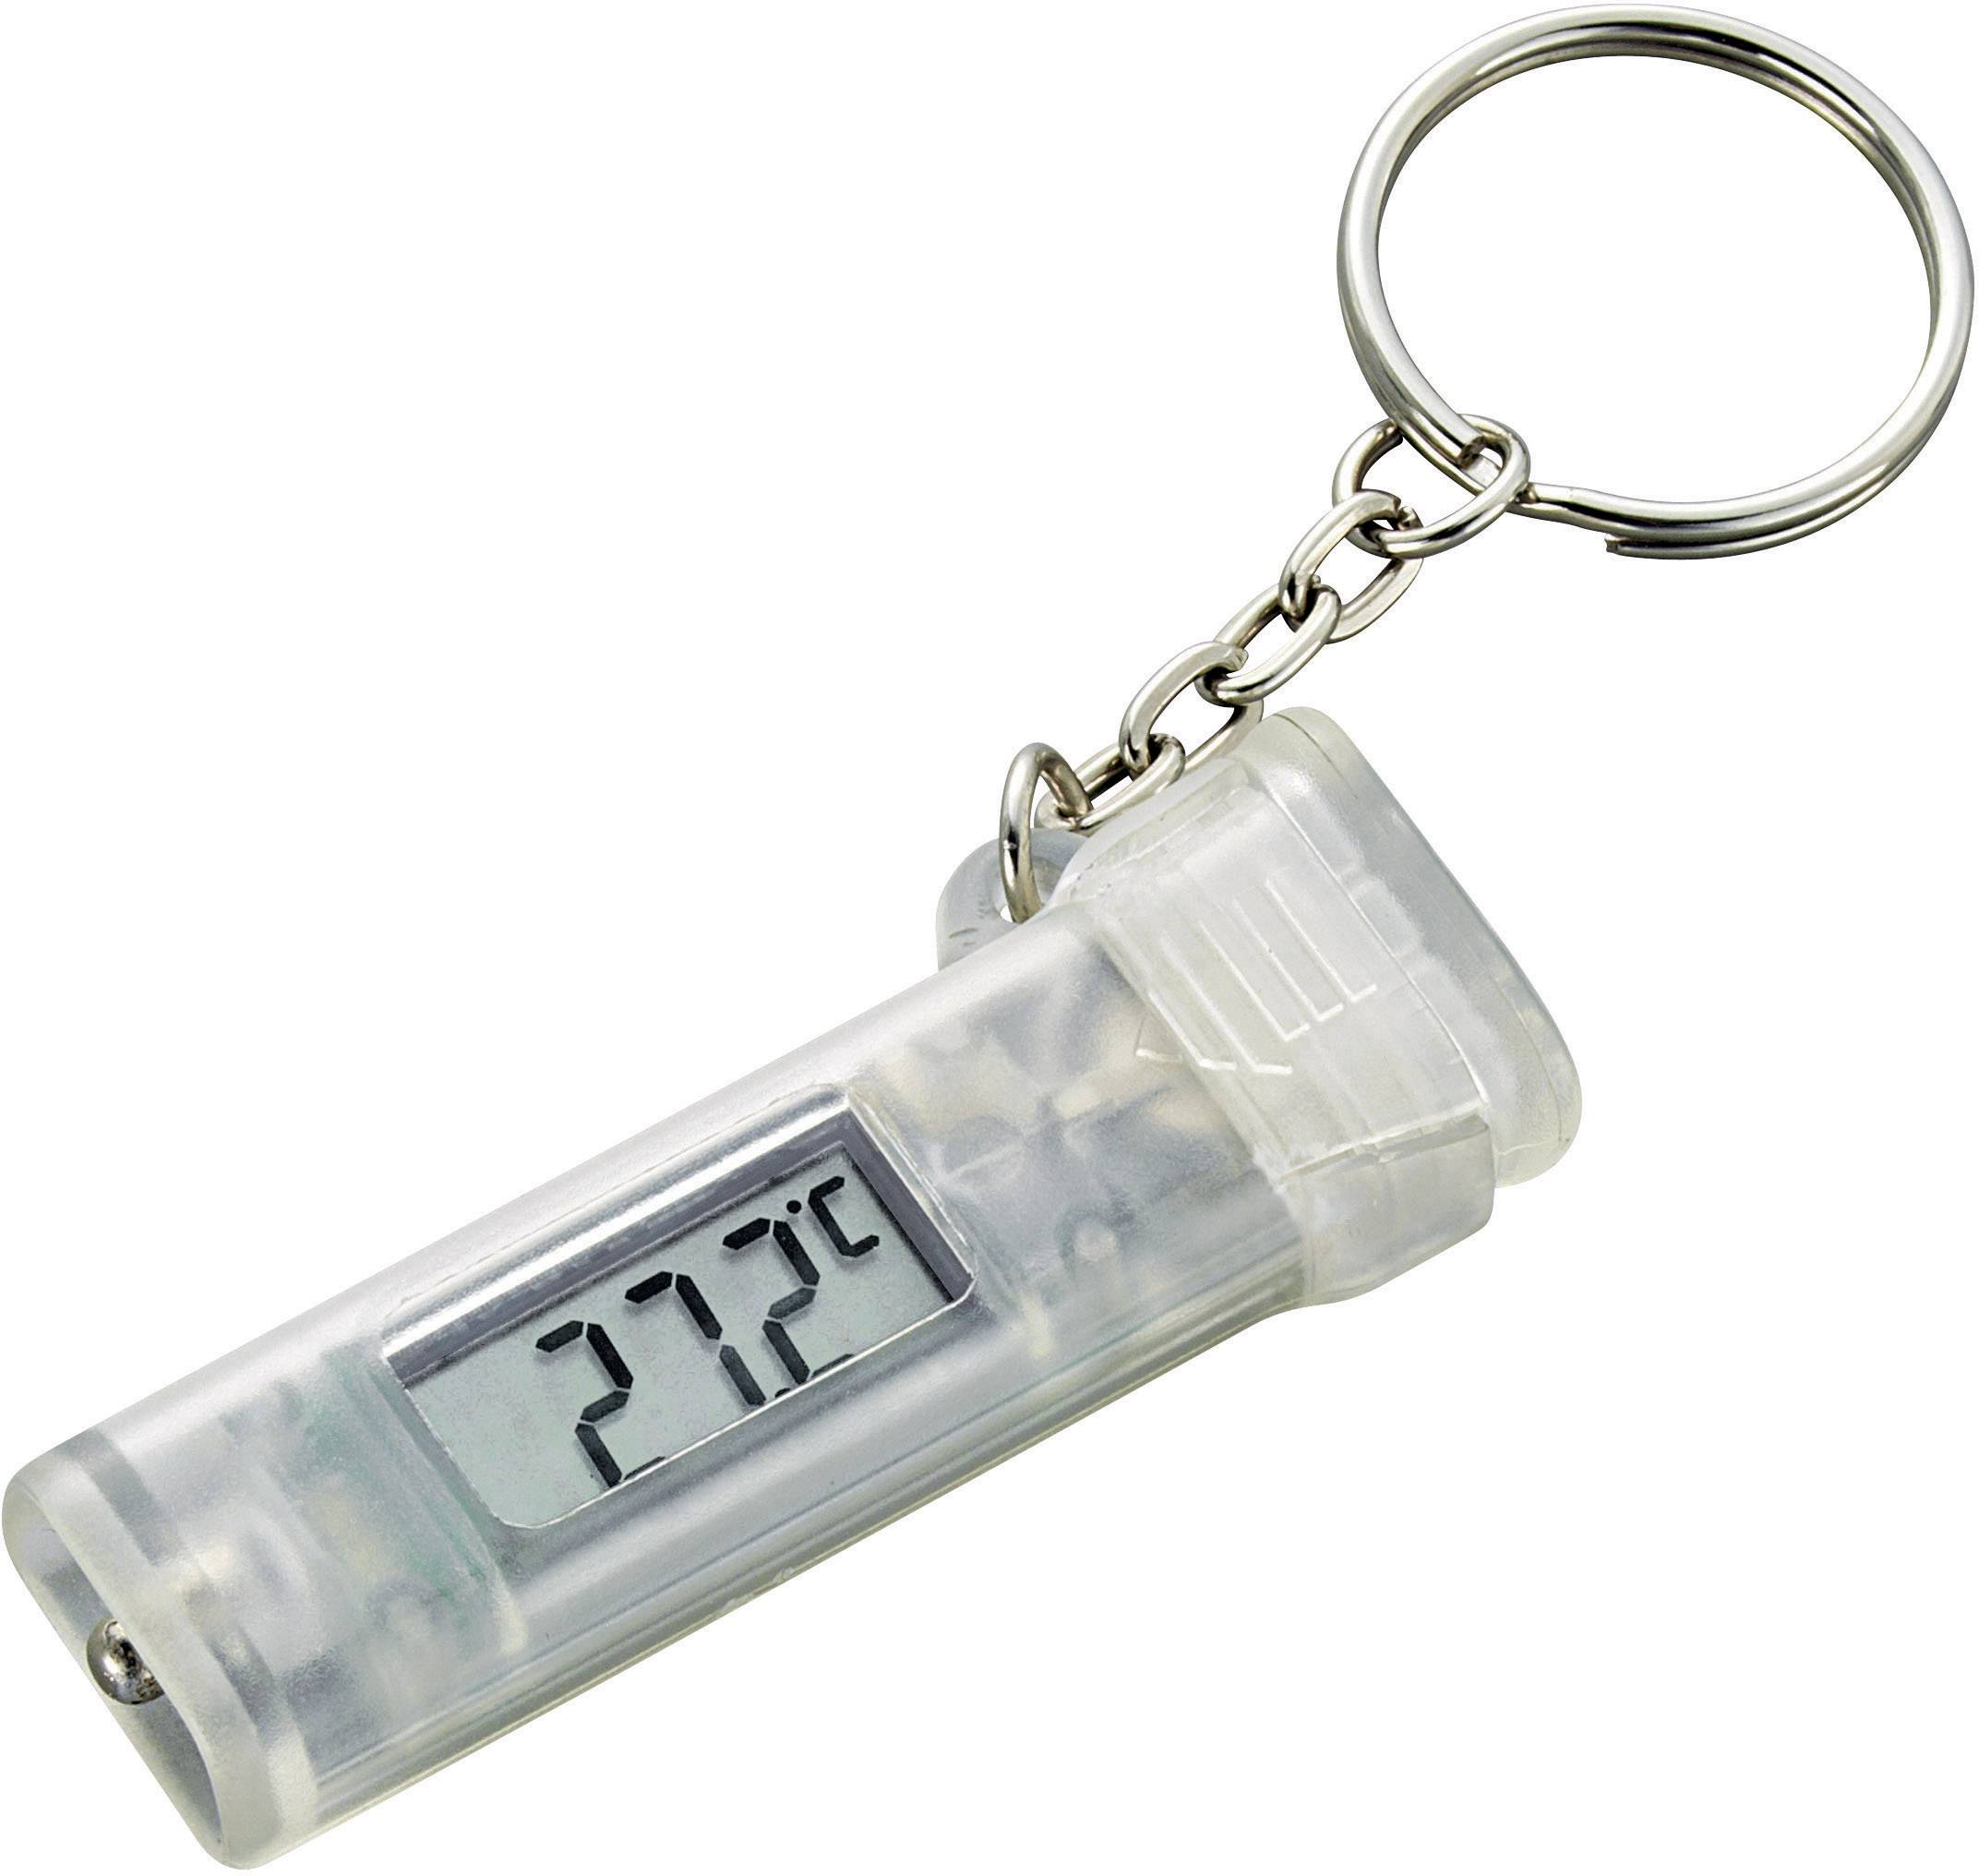 Teploměr na klíče Voltraft KT-1, -15 až +49,8 °C